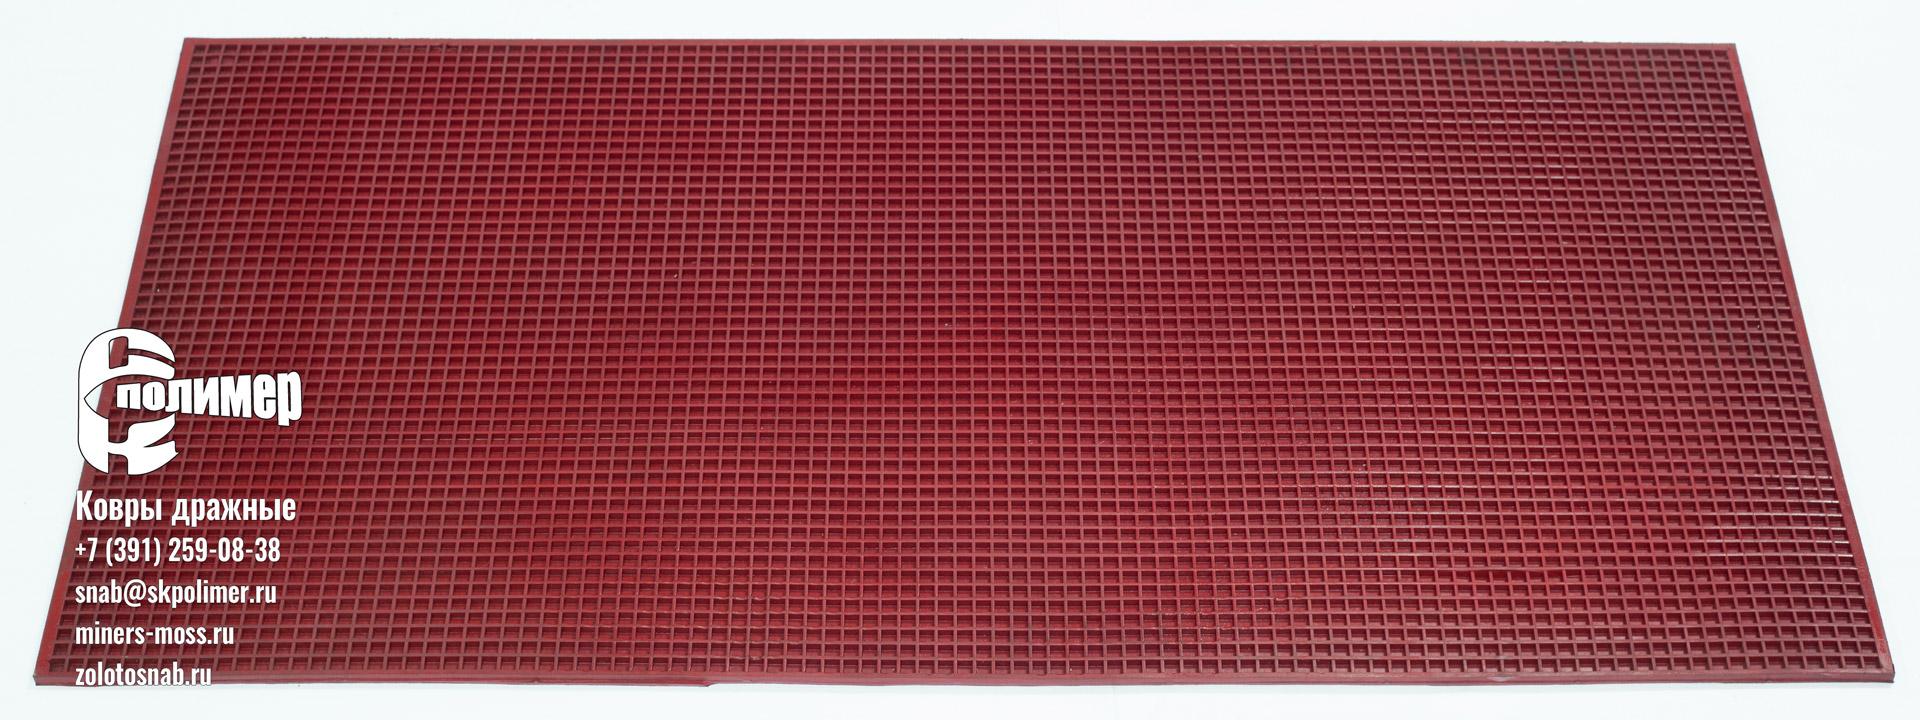 ковры дражные цветные 363